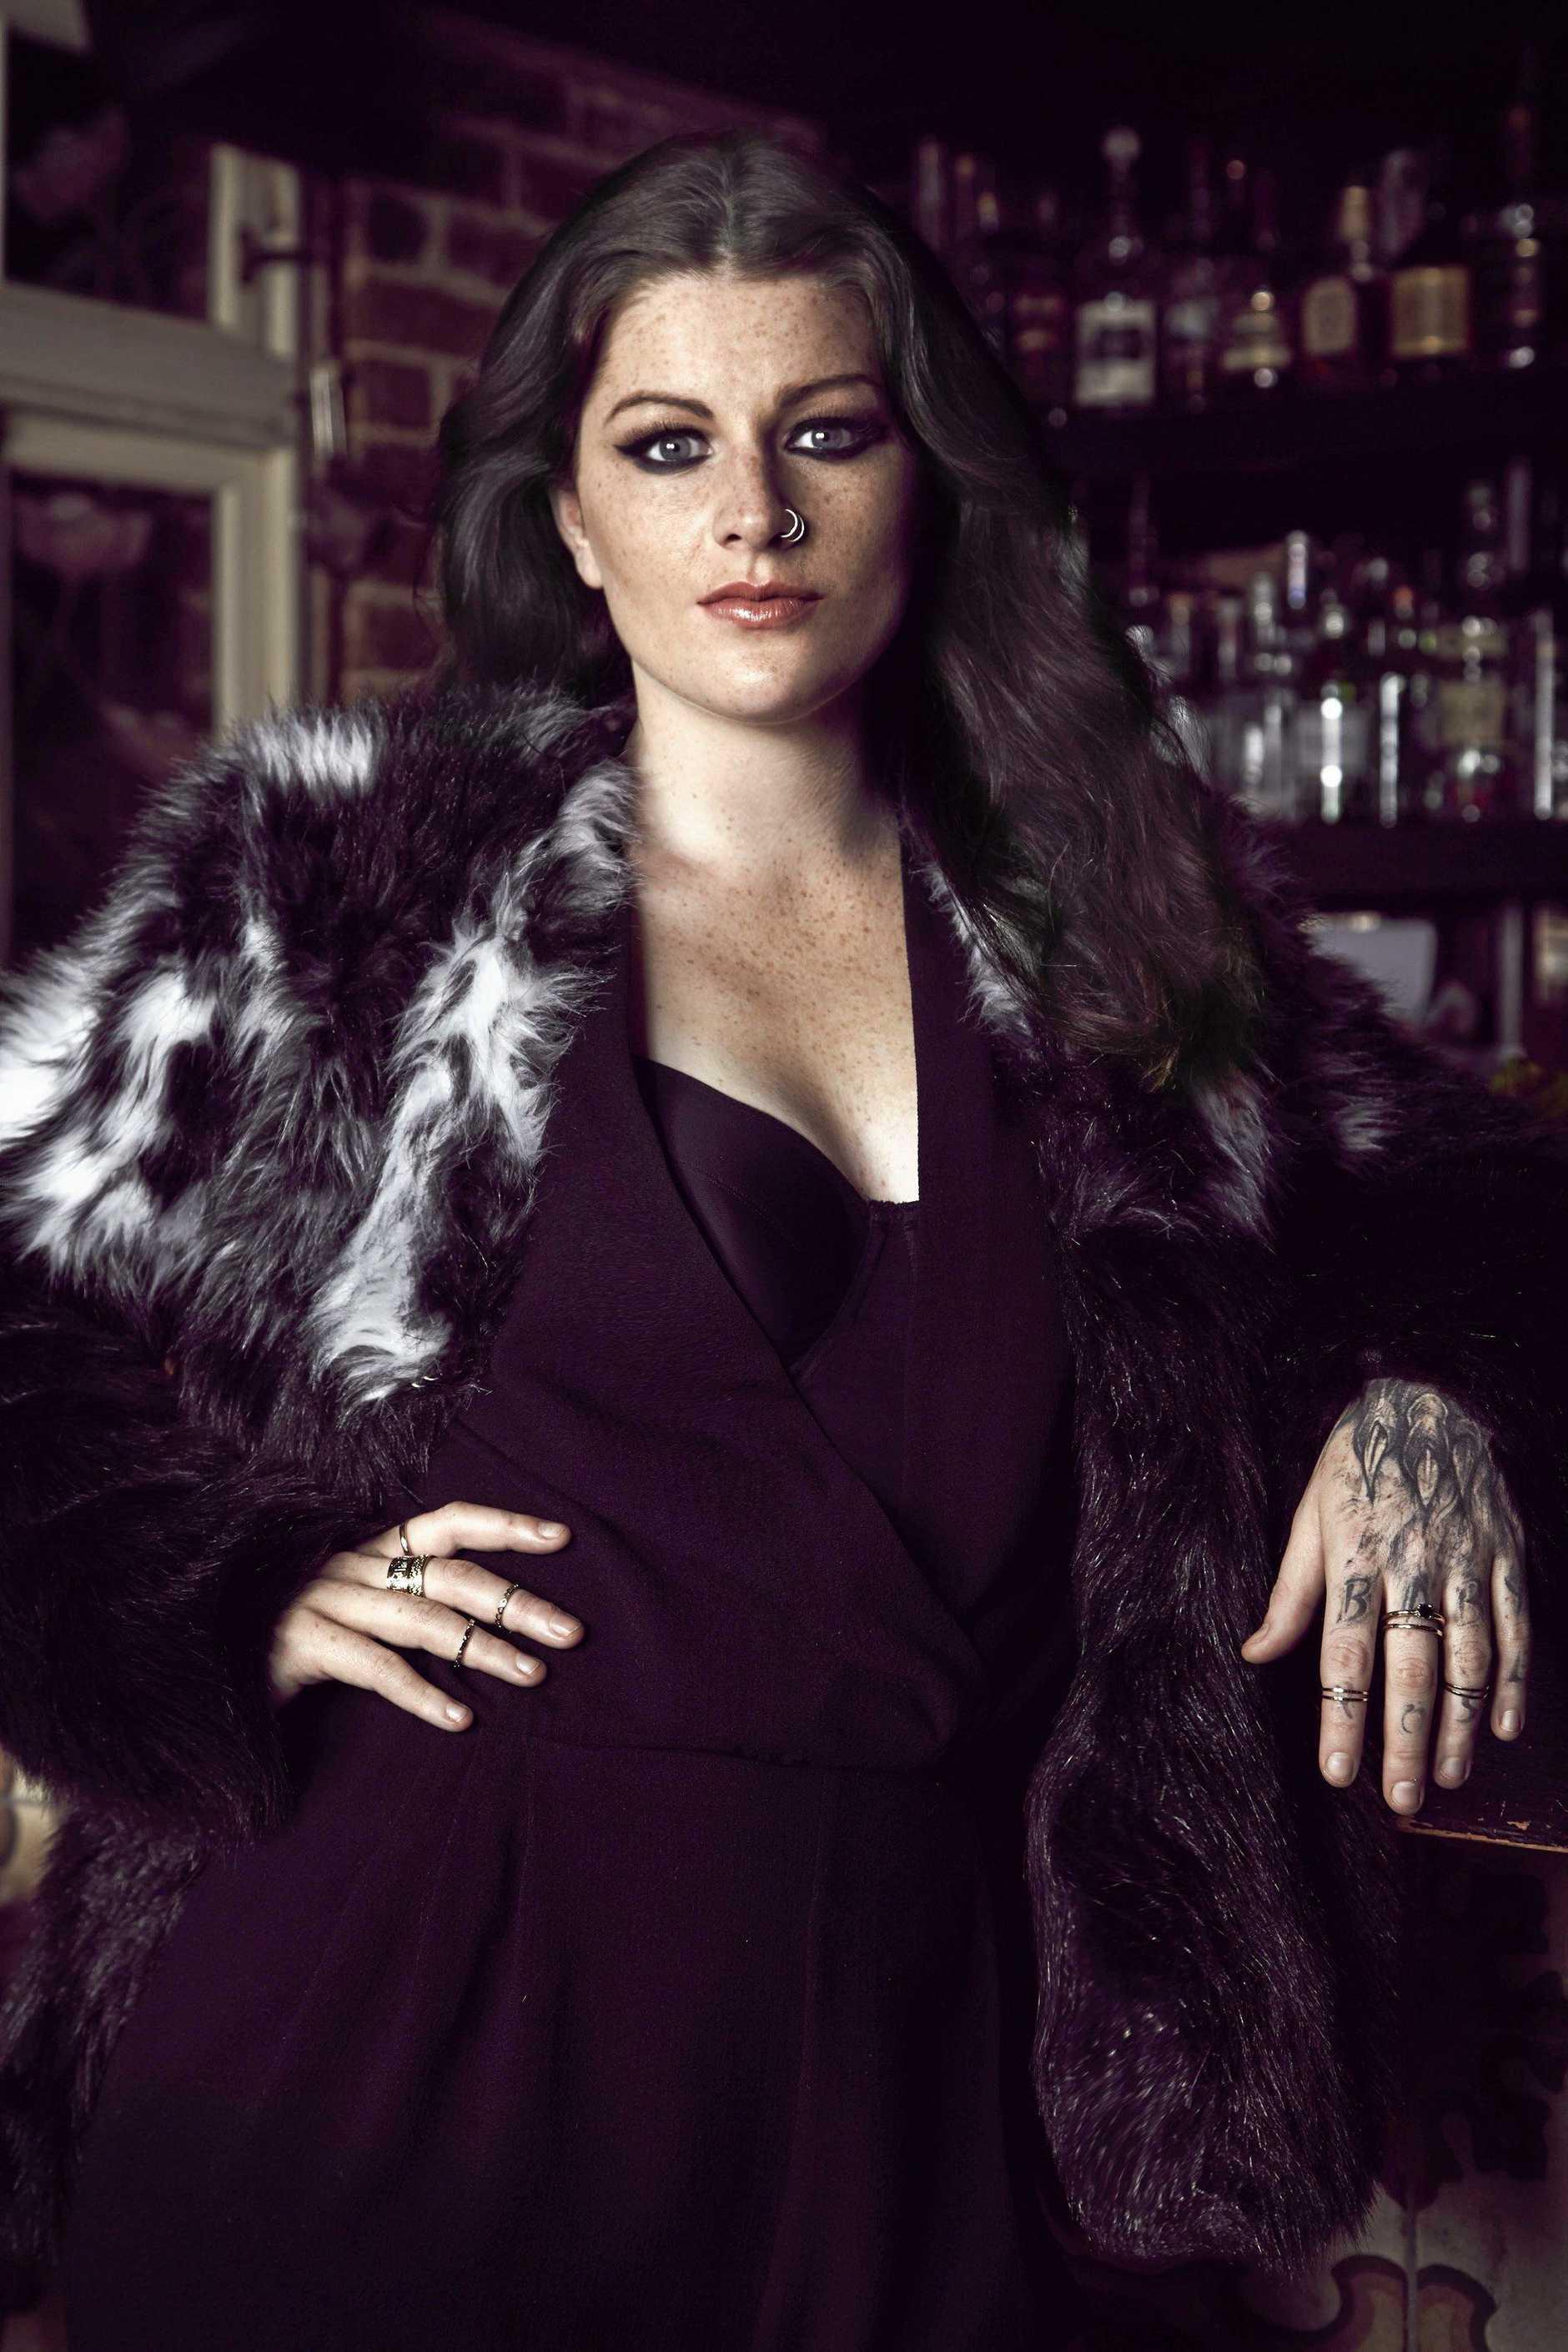 Australian singer Karise Eden.